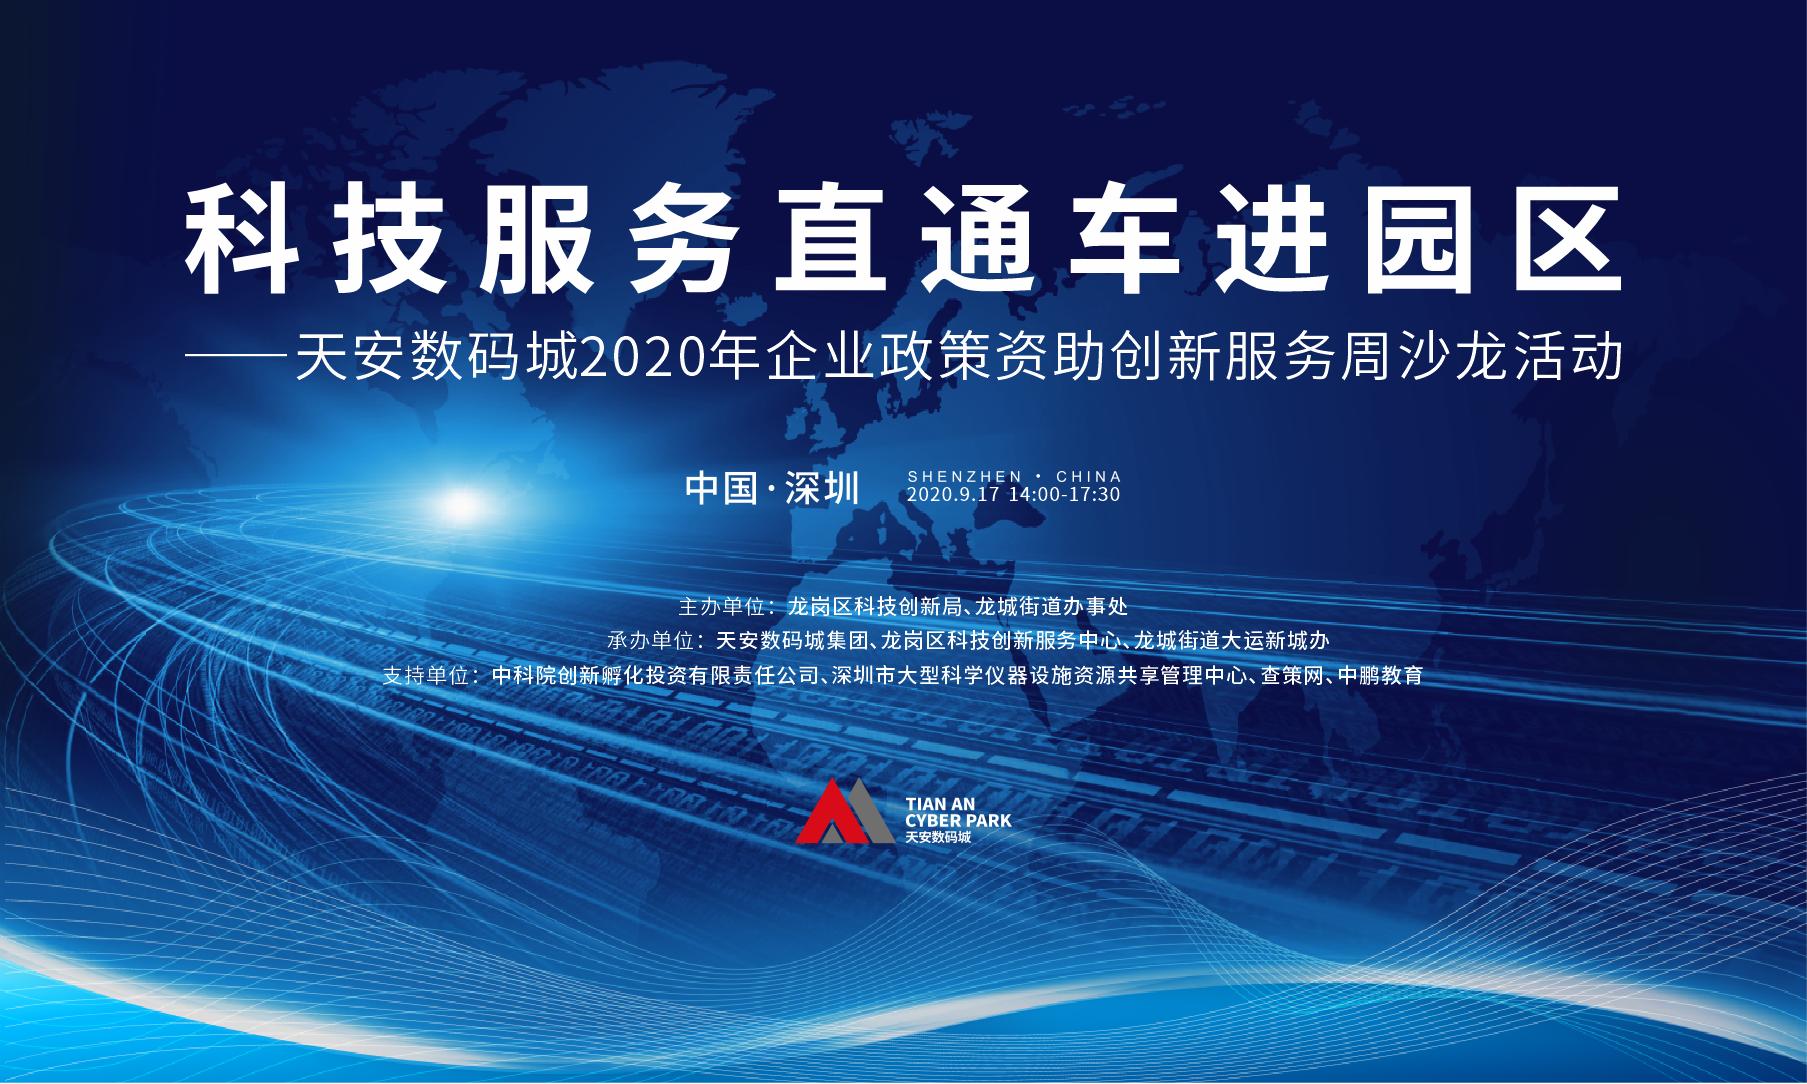 天安数码城2020年企业政策资助创新服务周沙龙活动